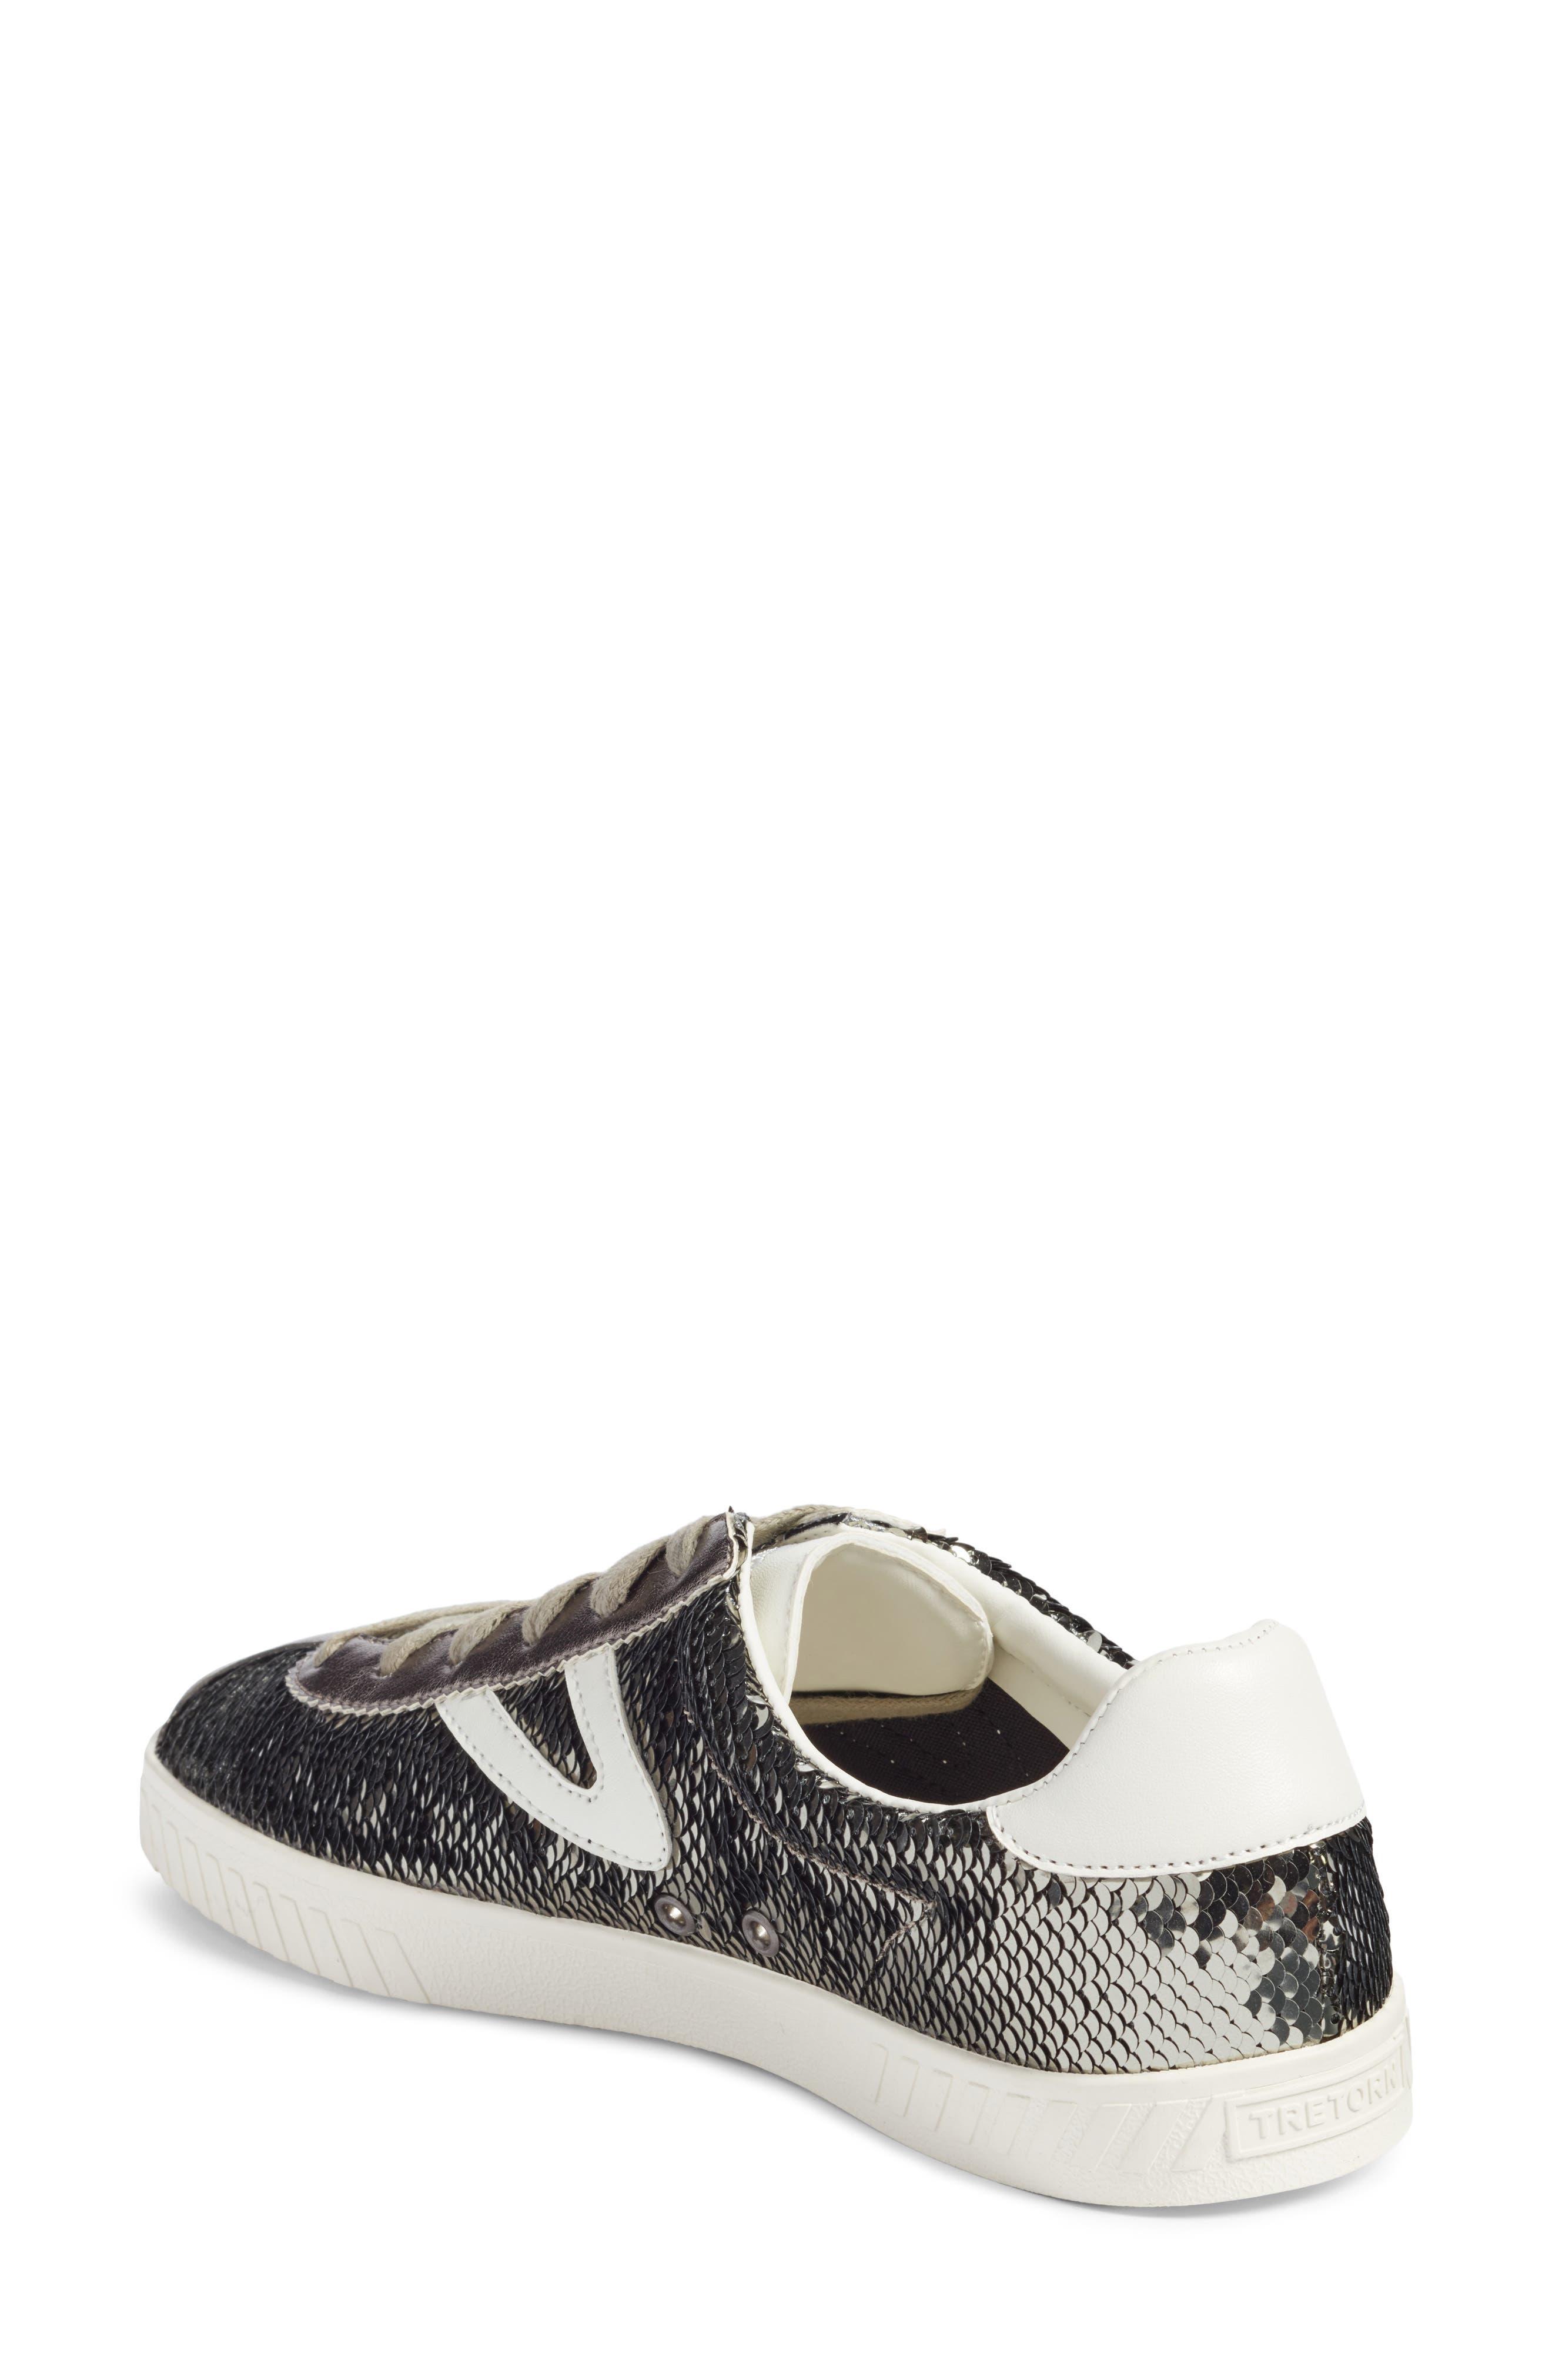 Camden 5 Sneaker,                             Alternate thumbnail 10, color,